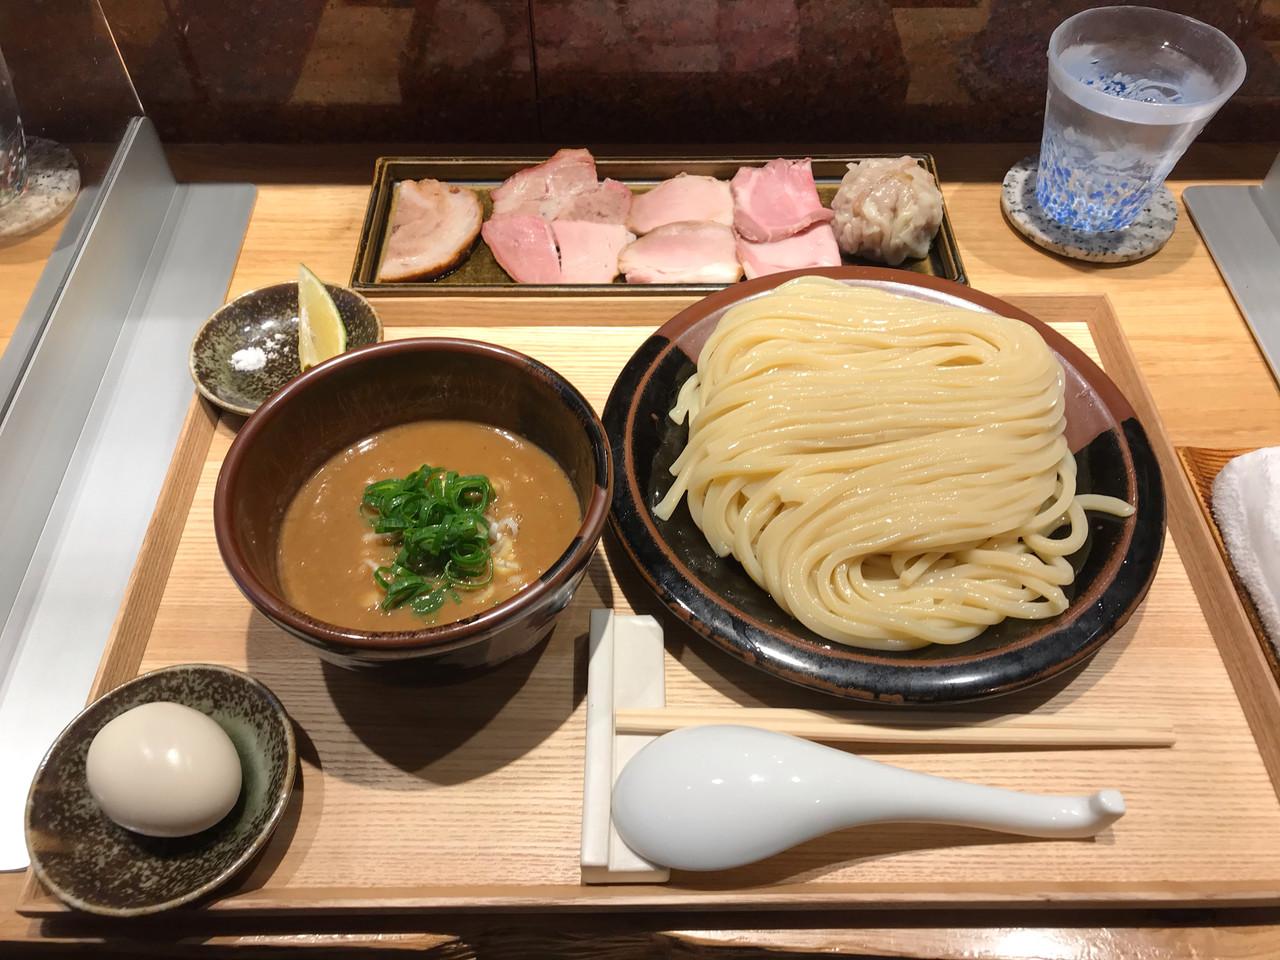 ここだけは押させておきたい!松戸で人気のラーメン店10選 - サムネイル